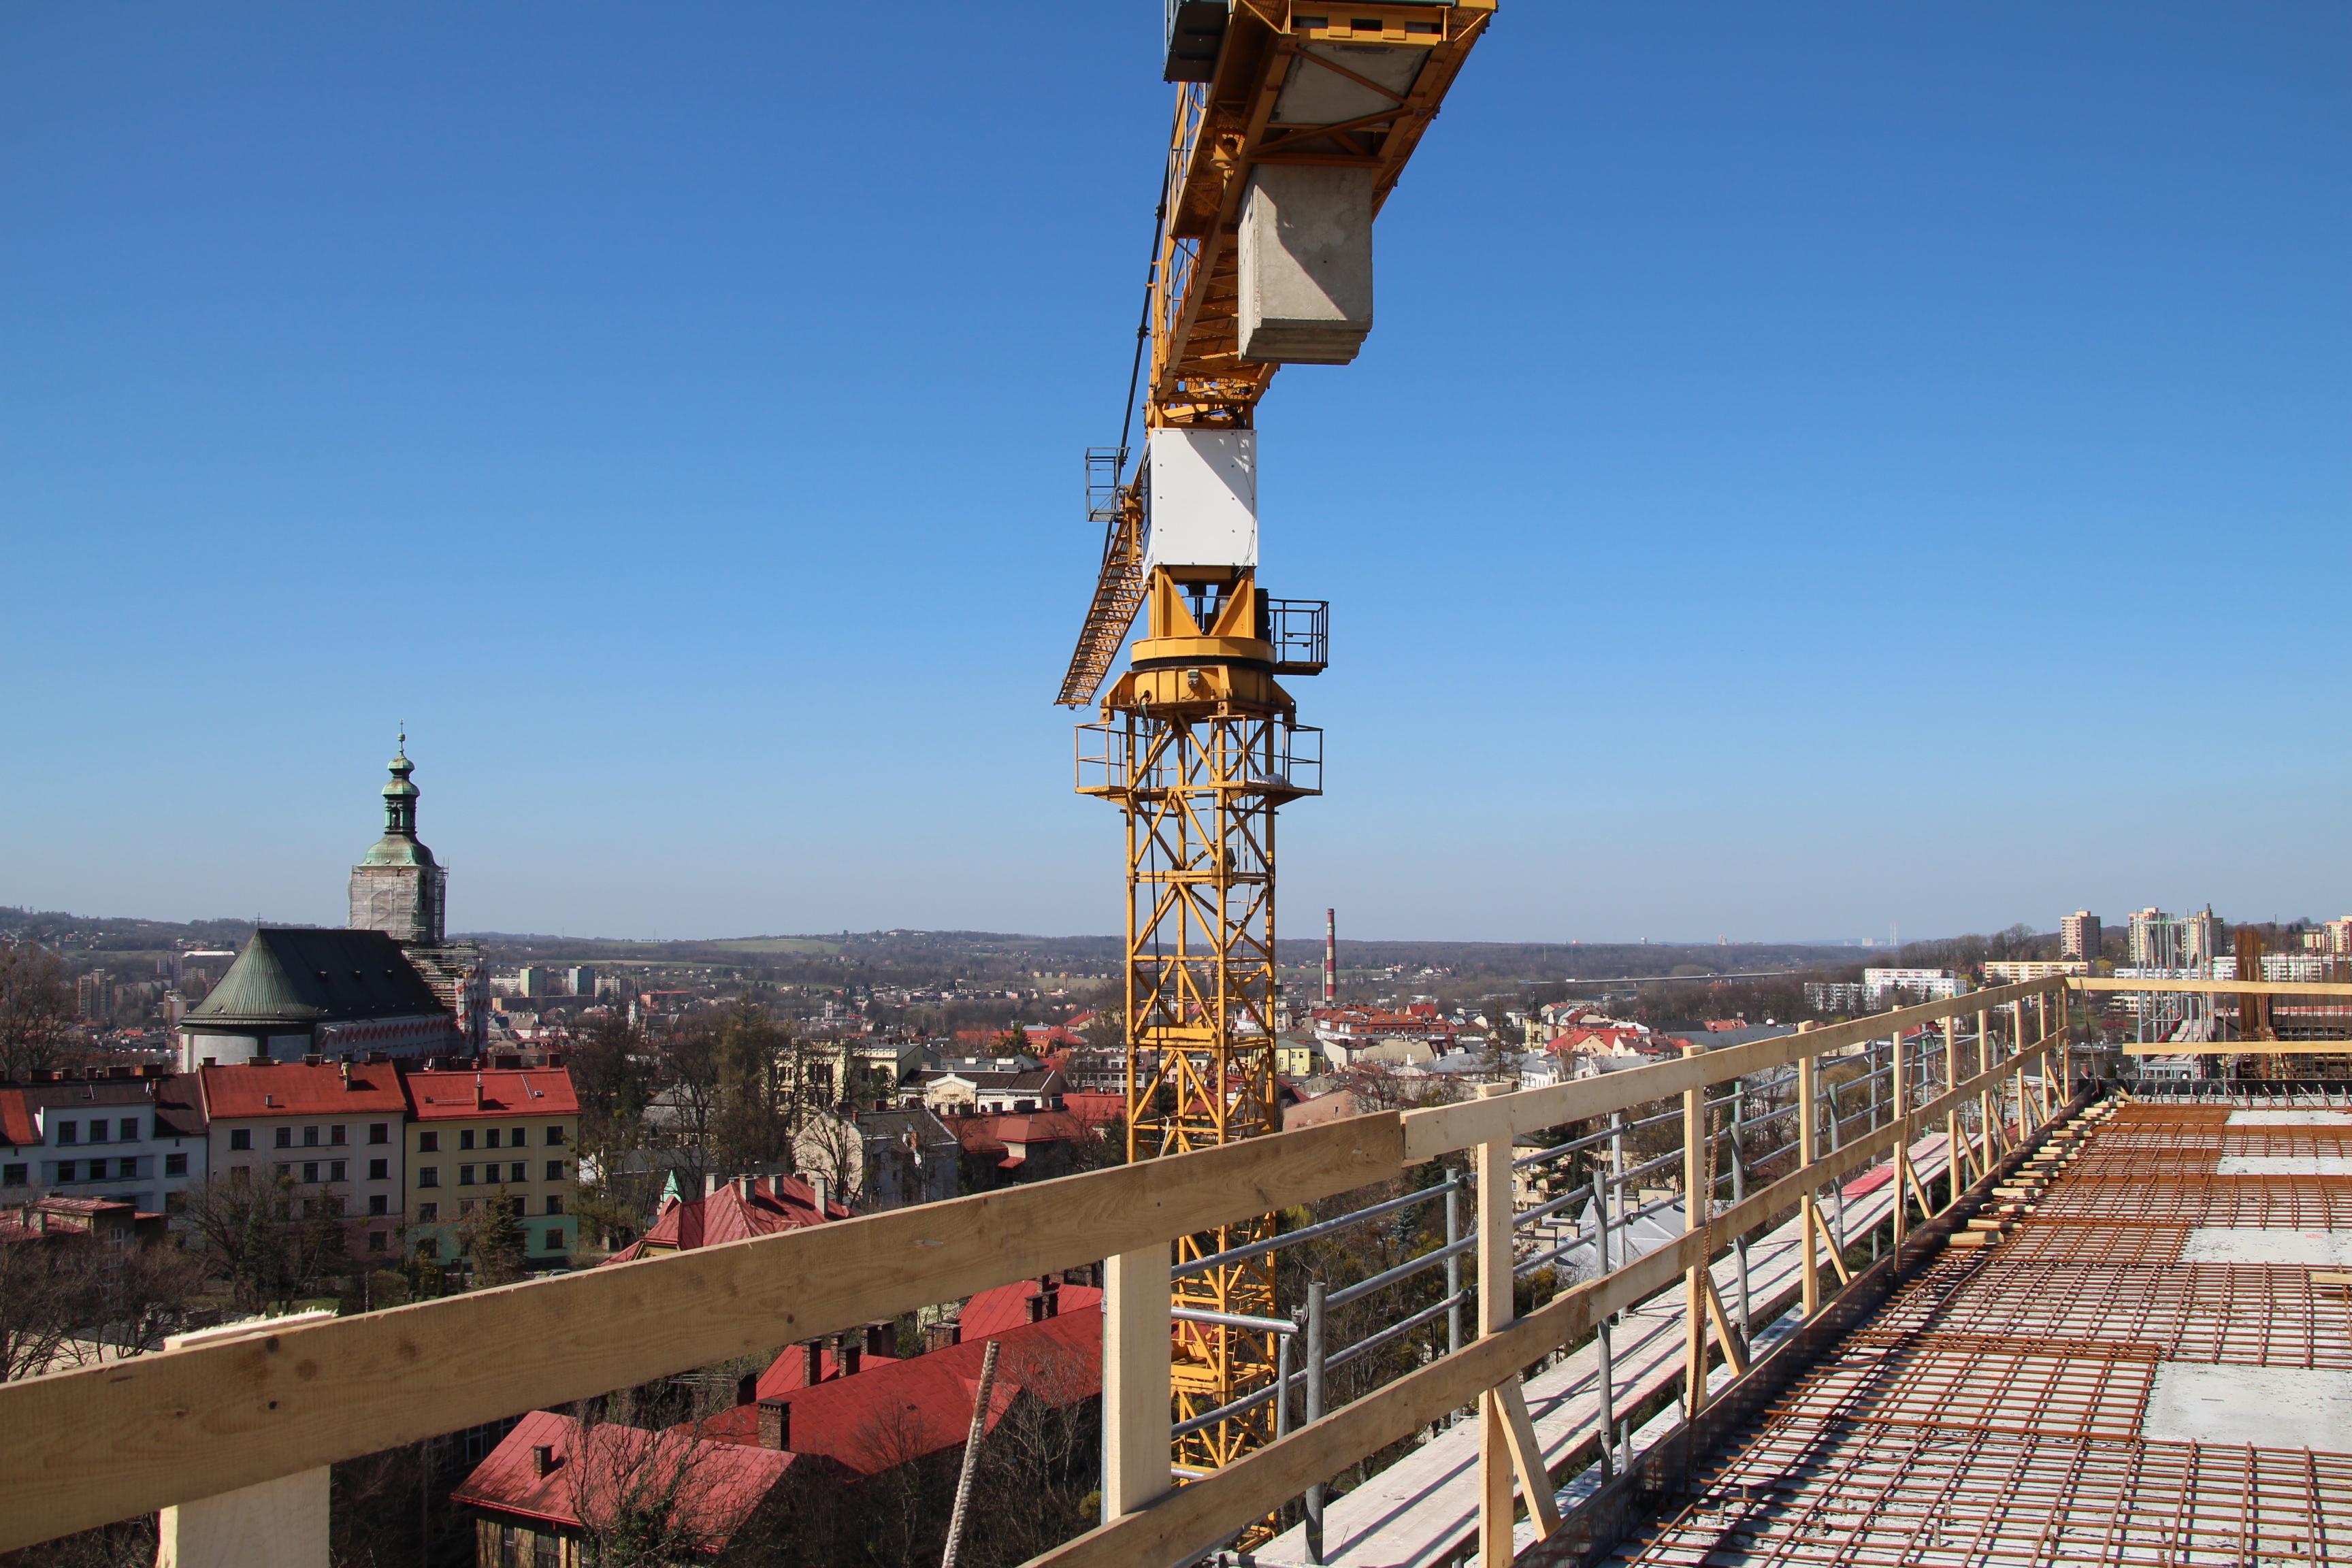 Lądowisko dla śmigłowców powstaje na dachu Szpitala Śląskiego [FOTO] (fot. materiały prasowe)